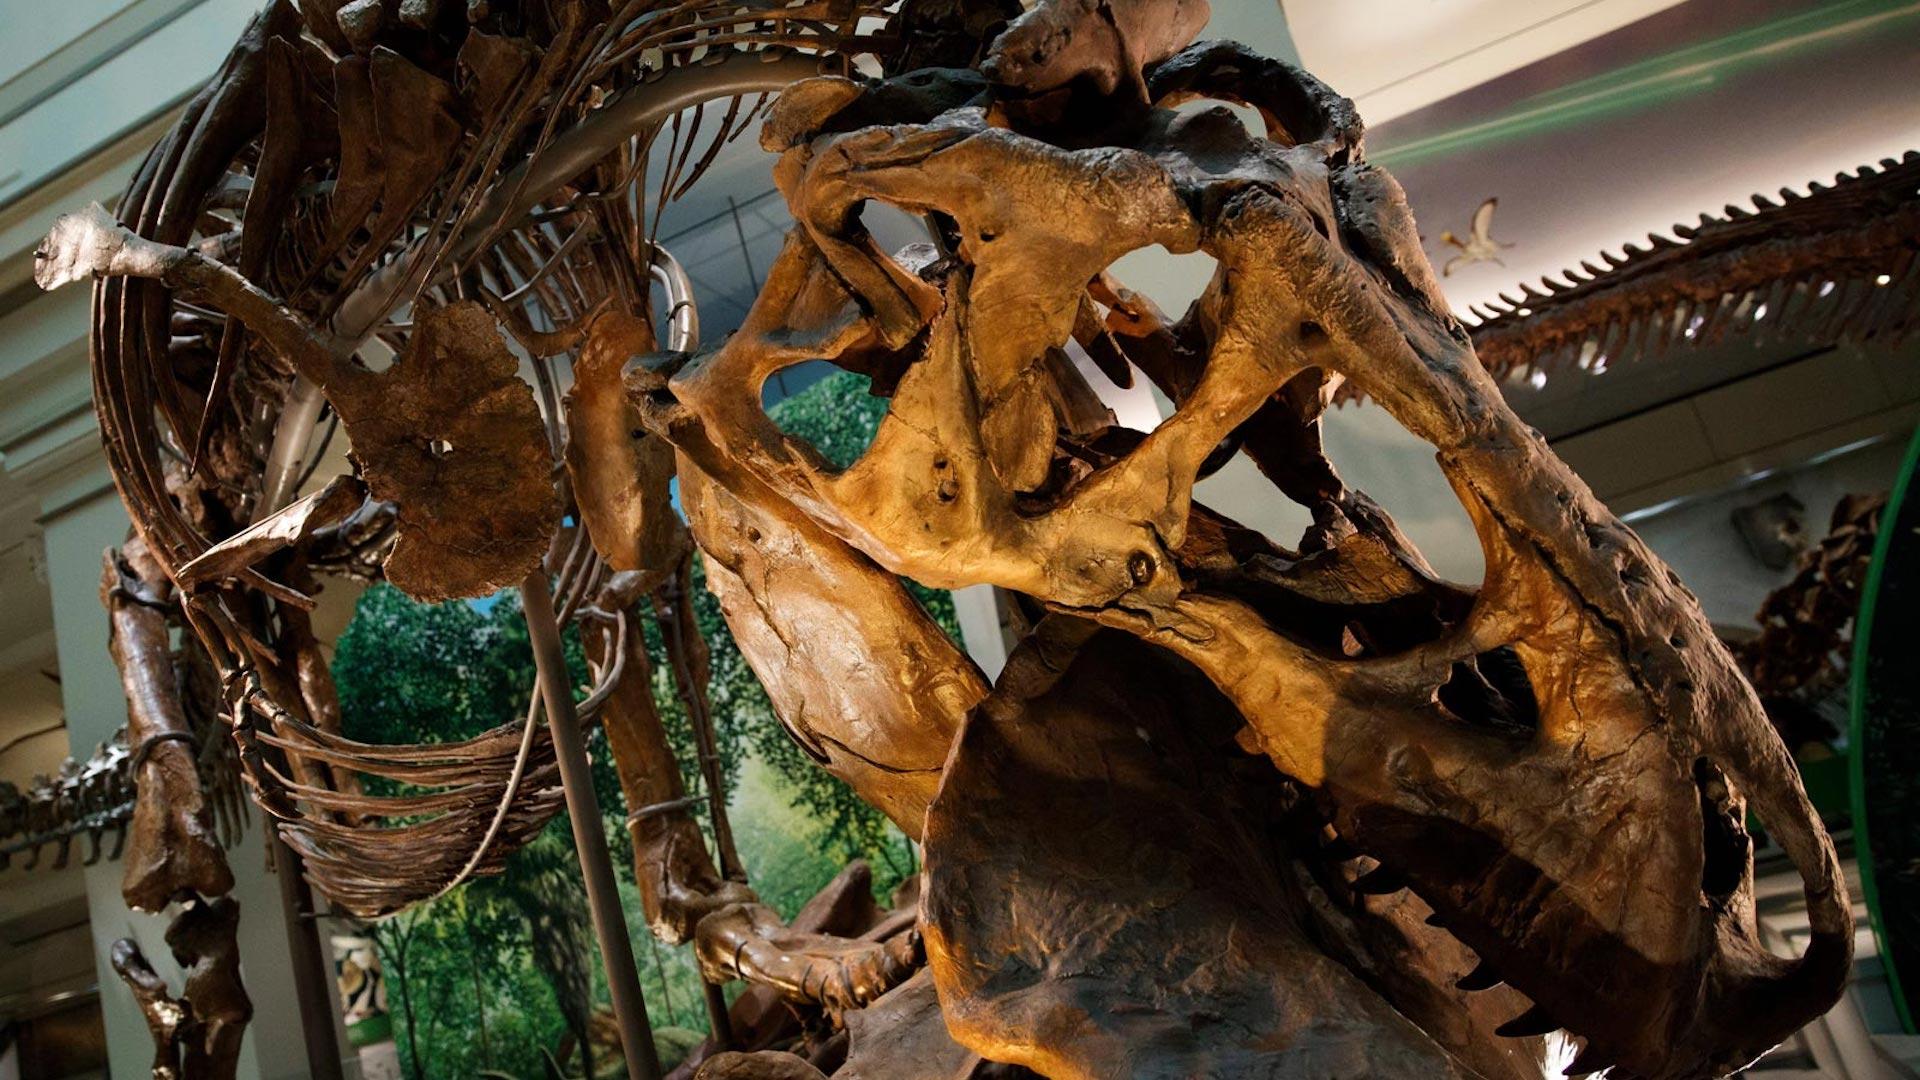 El museo Smithsonian sumó el esqueleto real de un Tyrannosaurus Rex